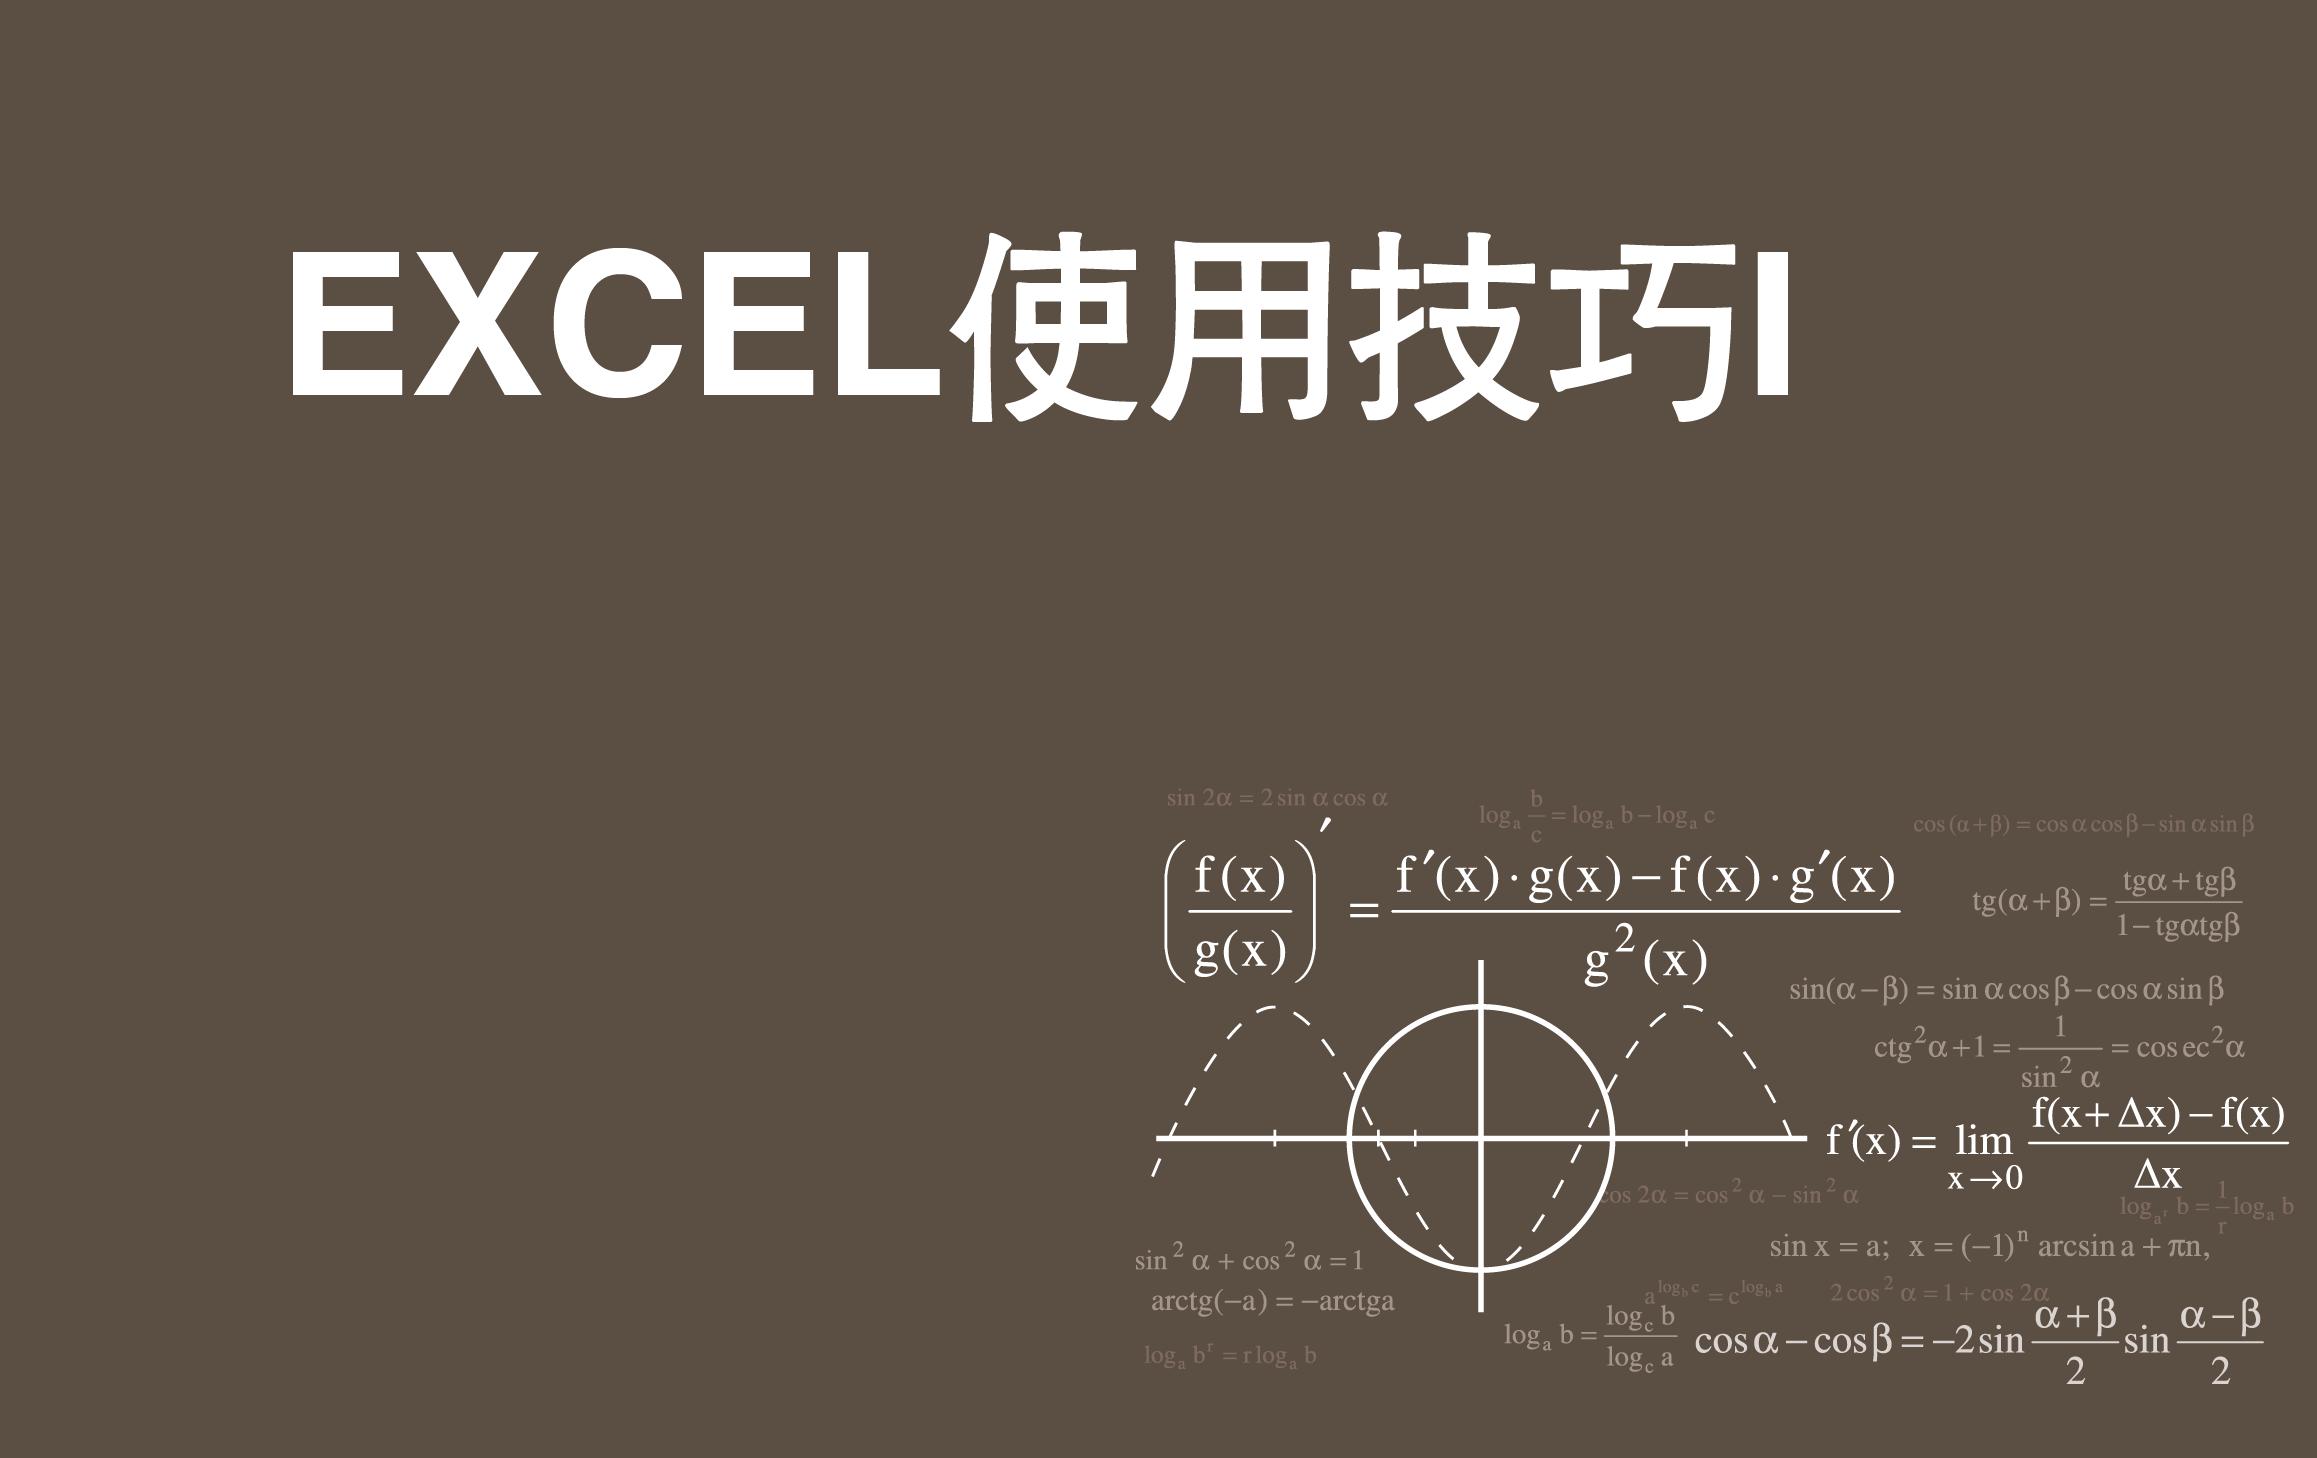 Excel基础数据整理及常用函数使用技巧 I